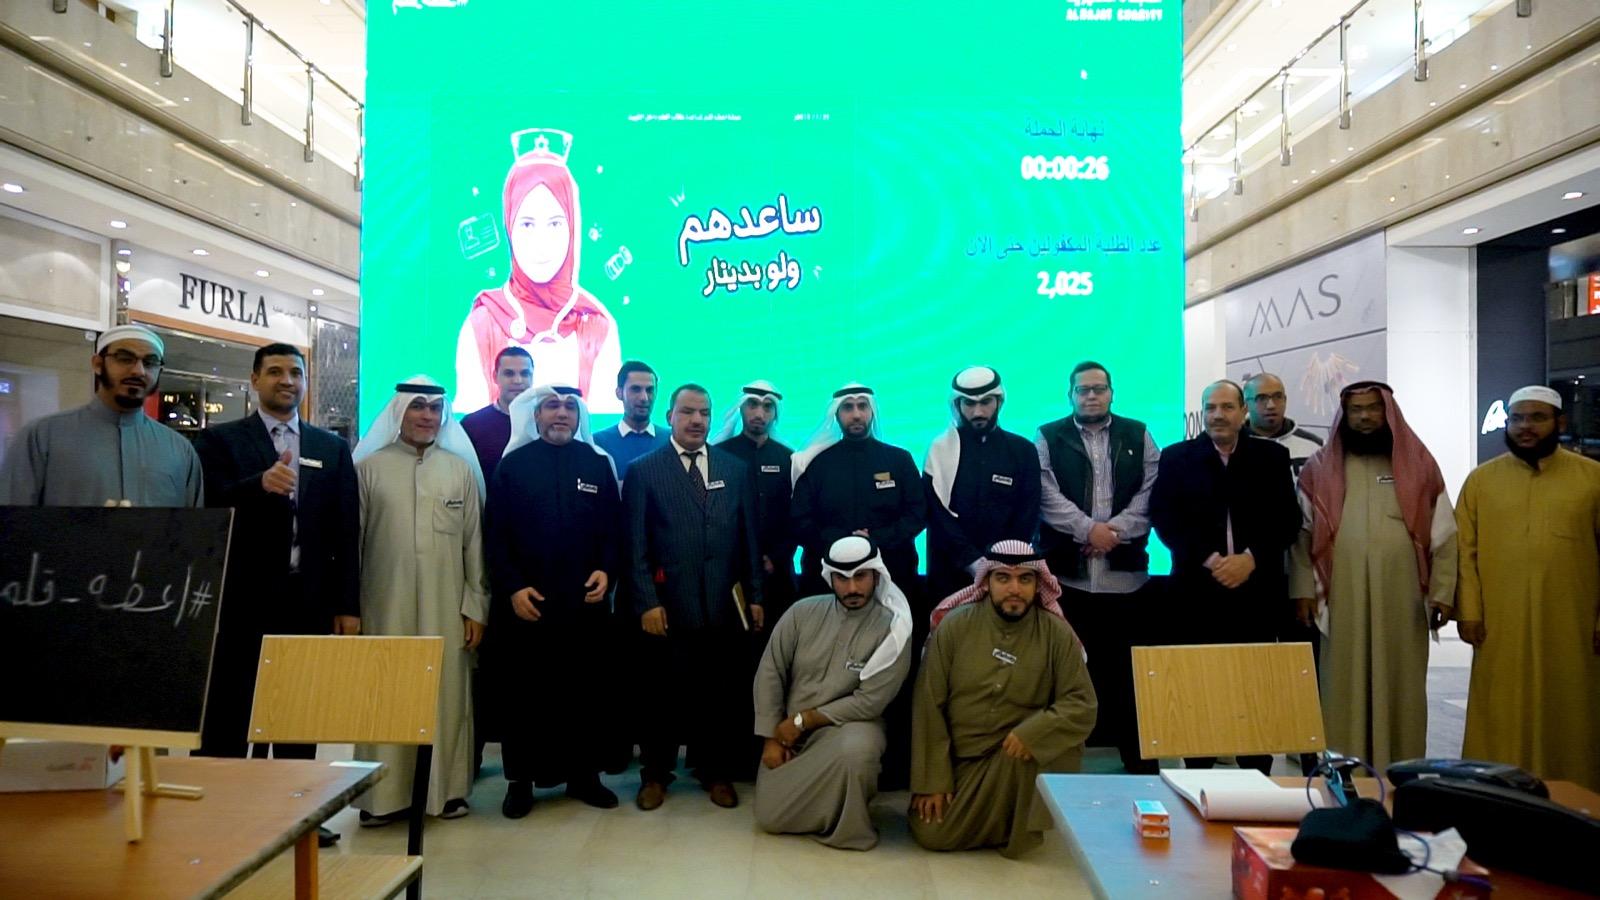 لجنة طالب العلم: حملة #أعطه_ قلماً كفلت أكثر من 2000 طالب داخل الكويت